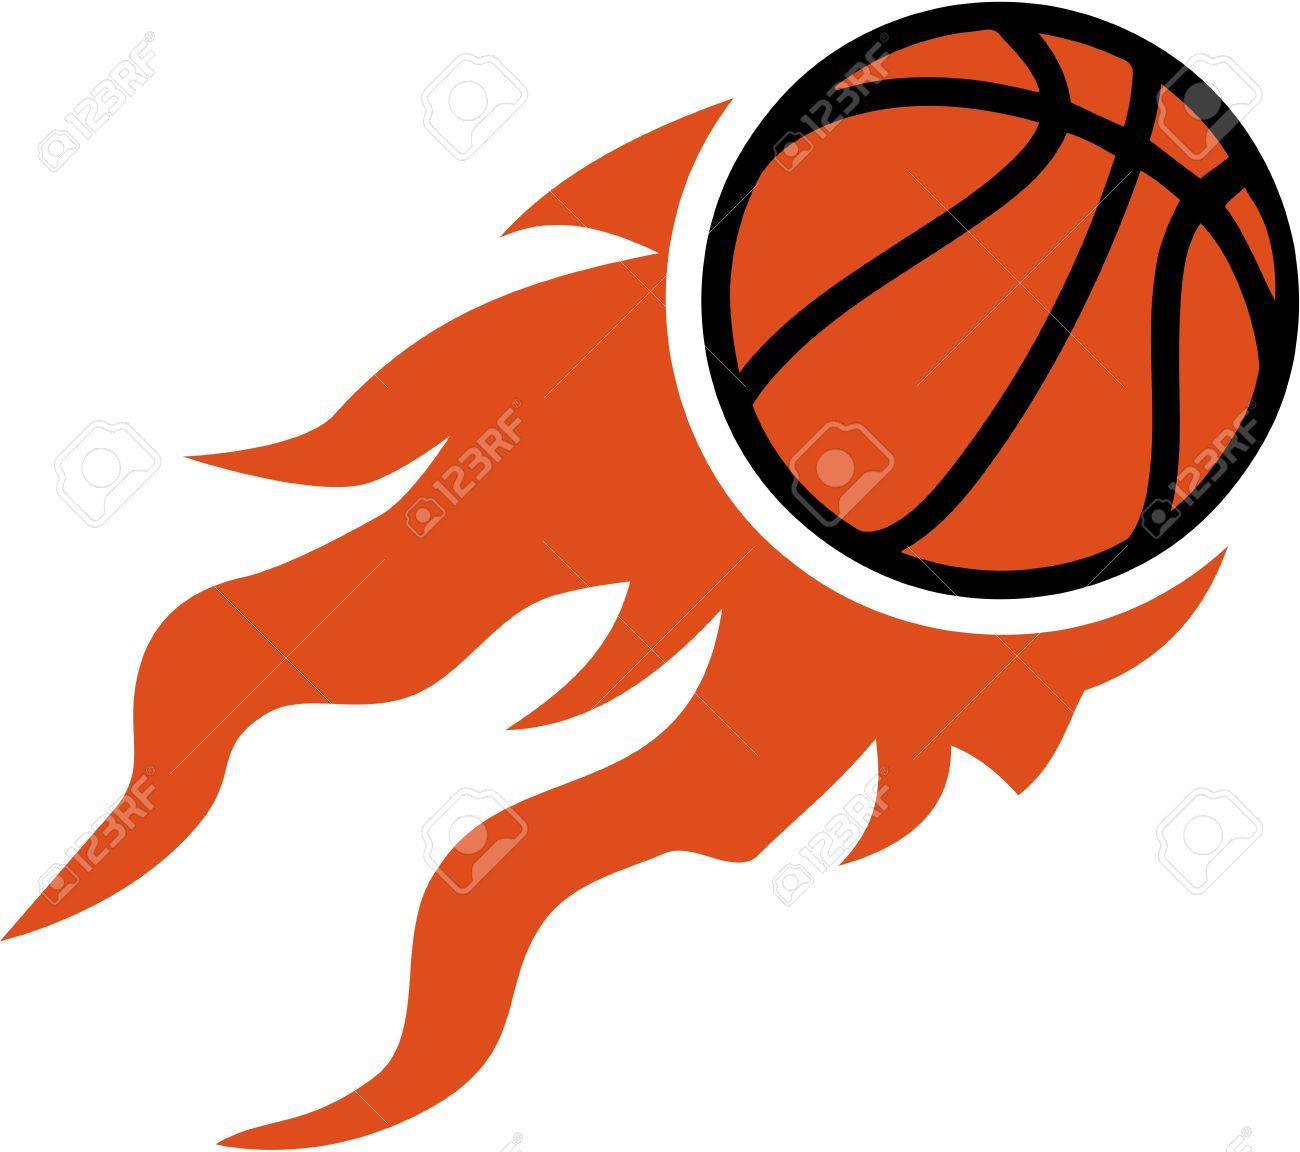 Fire Basketball Clipart.